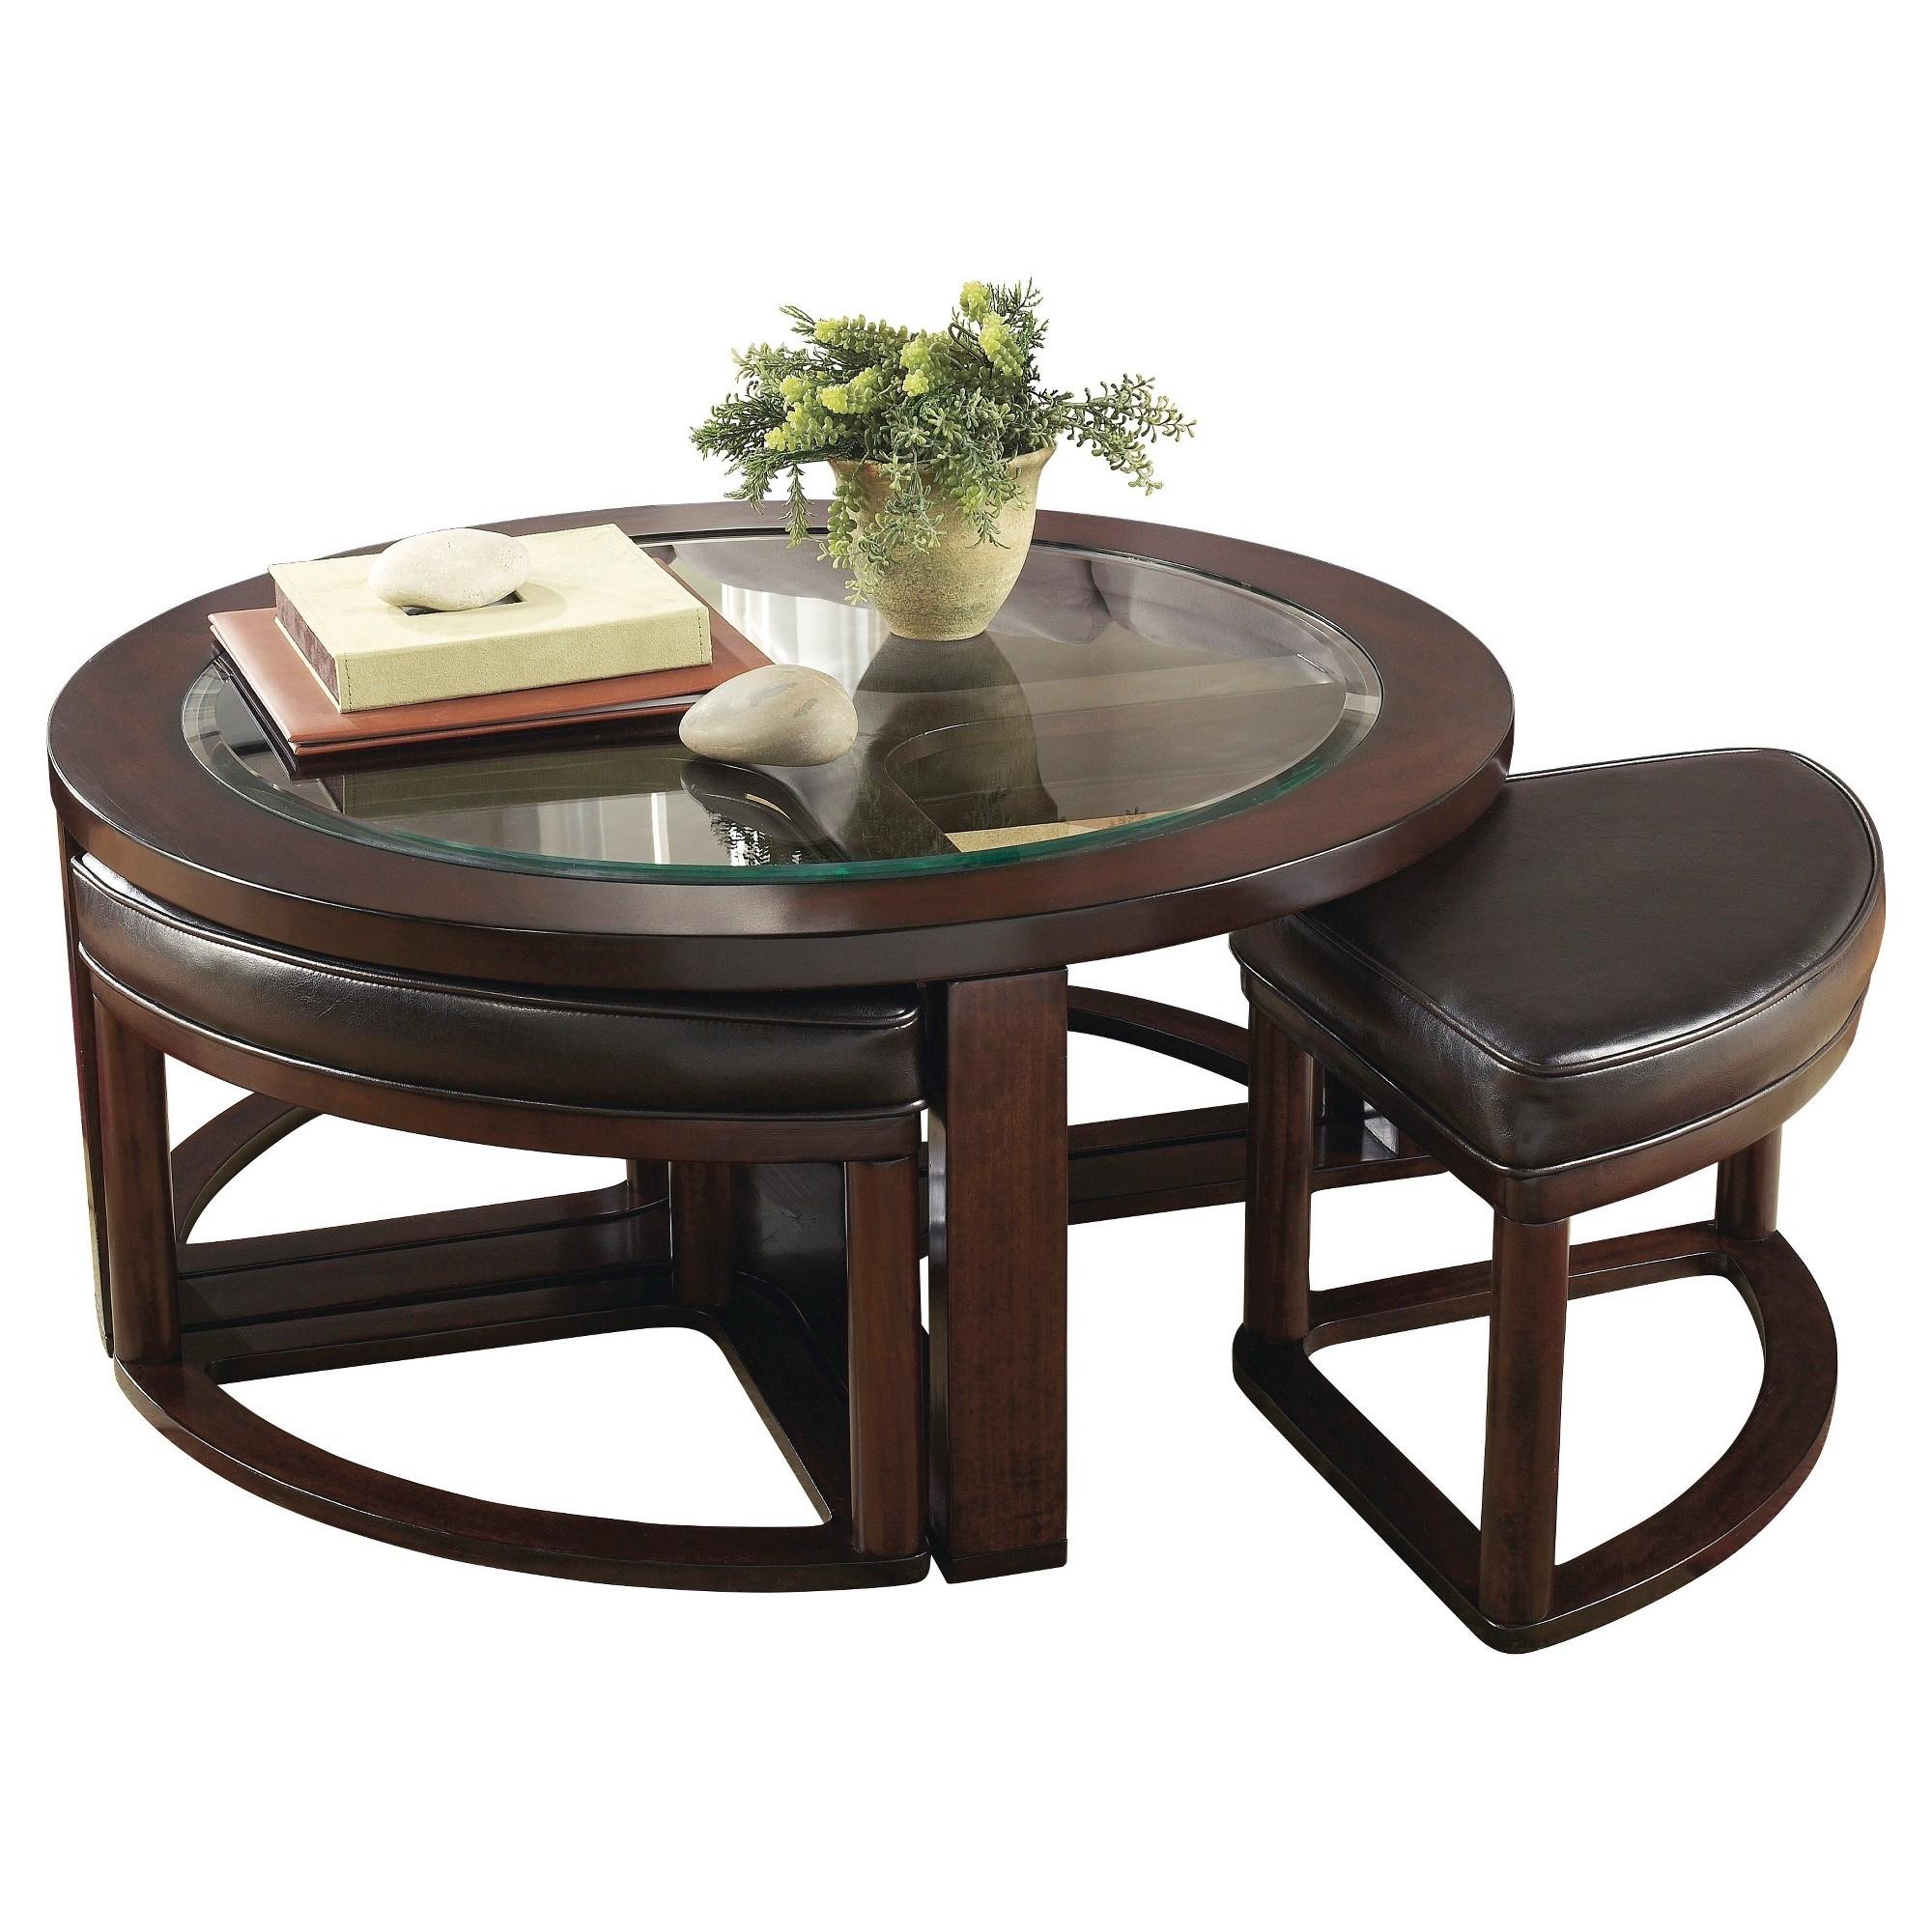 Merveilleux Machias 5 Piece Coffee Table U0026 Stool Set